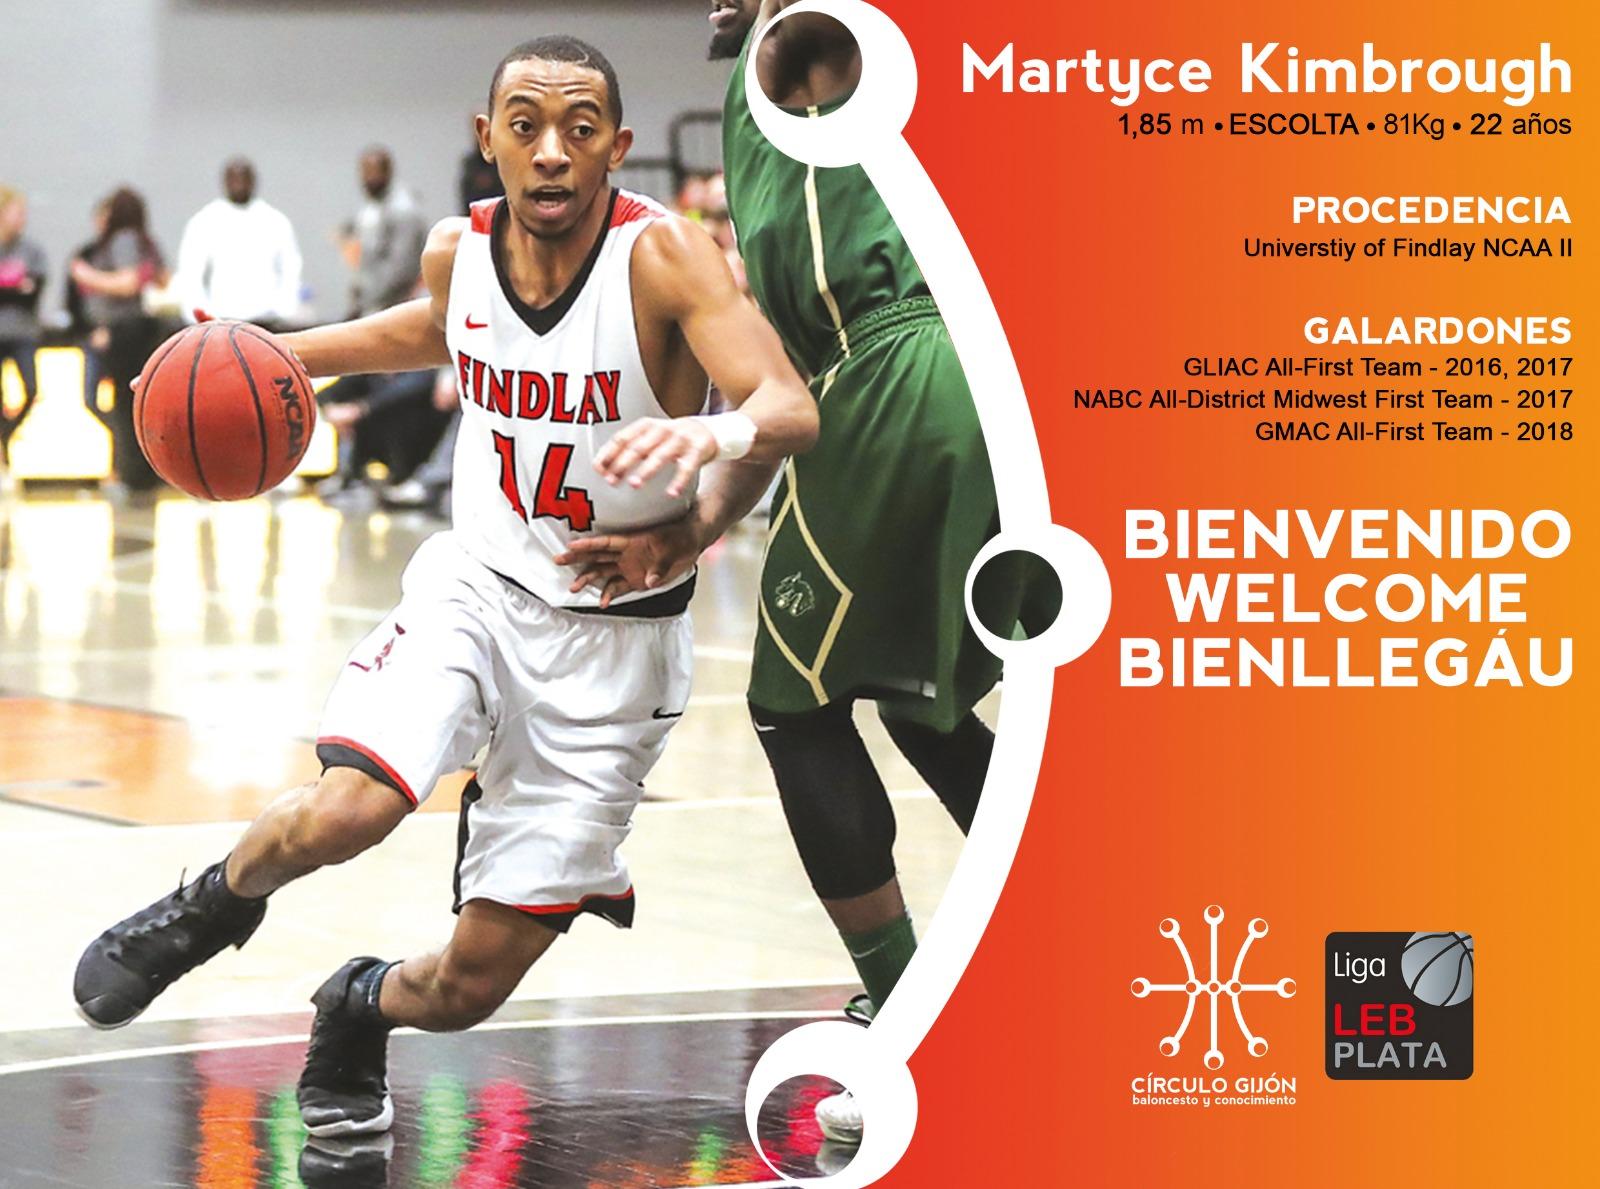 Martyce Kimbrough Círculo Gijón Baloncesto